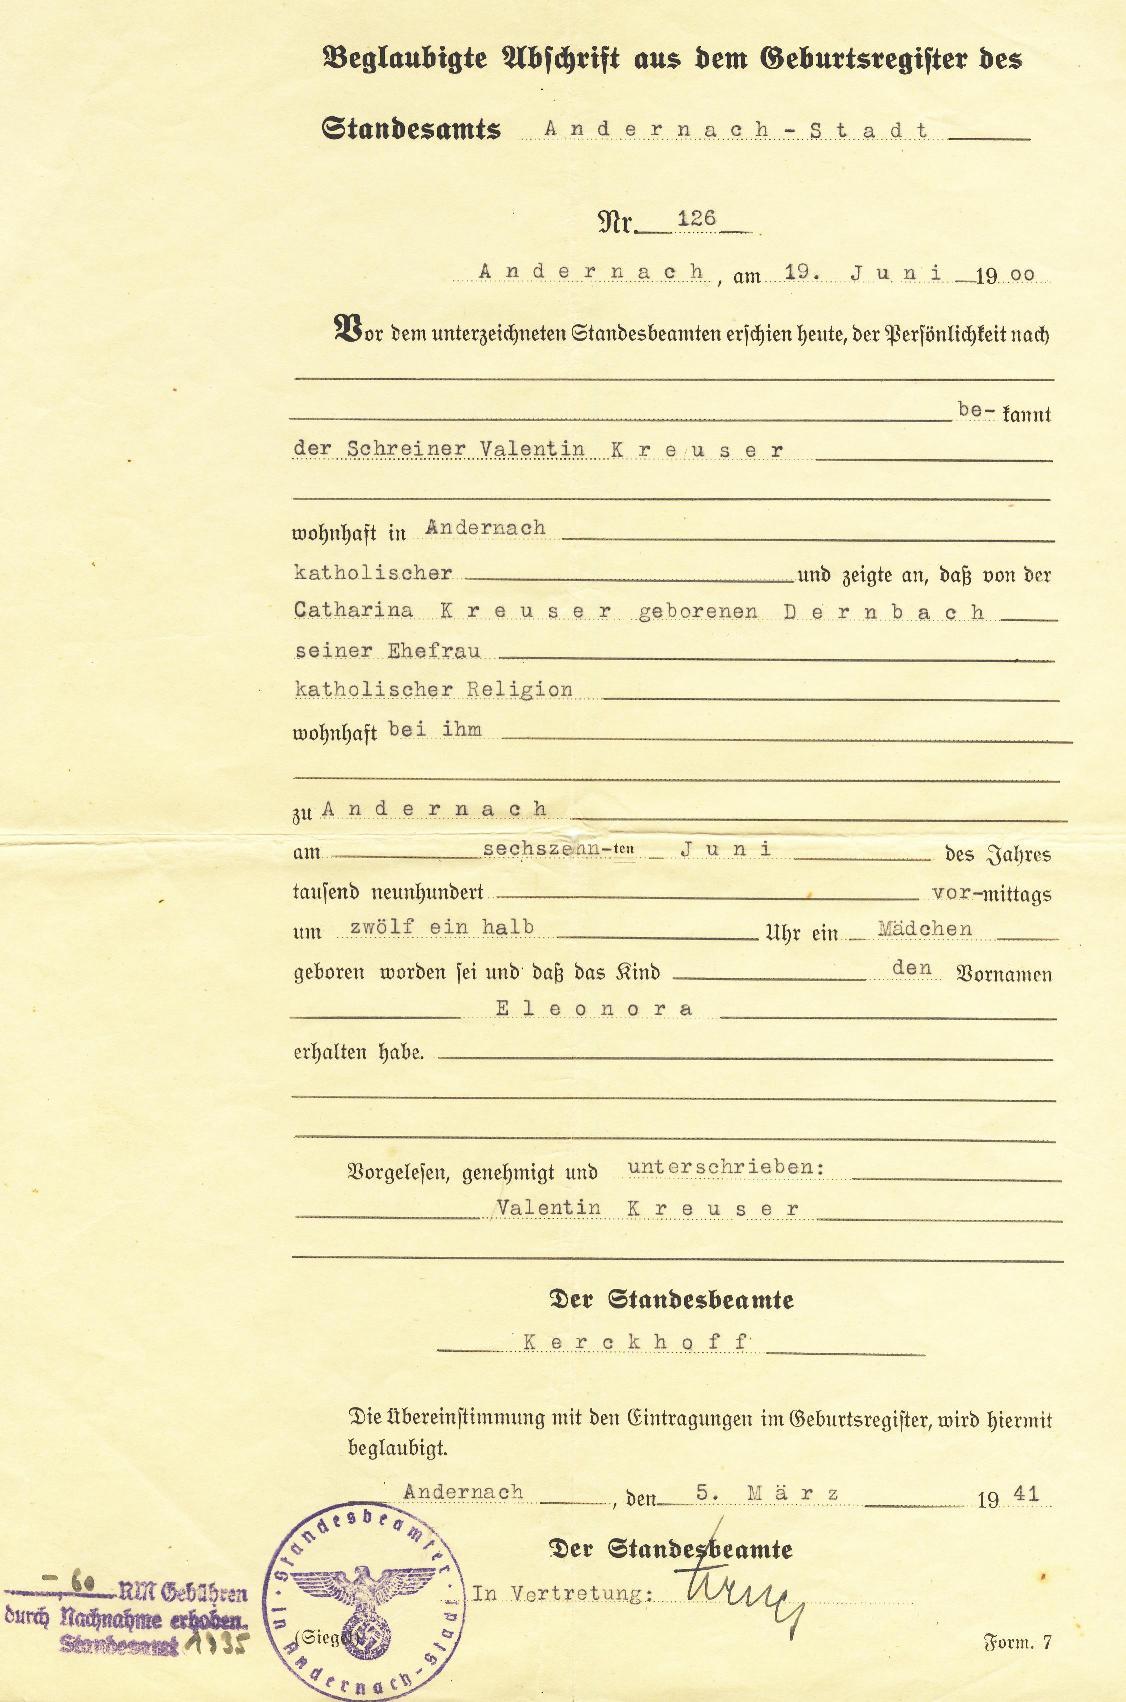 unterschreiben in vertretung